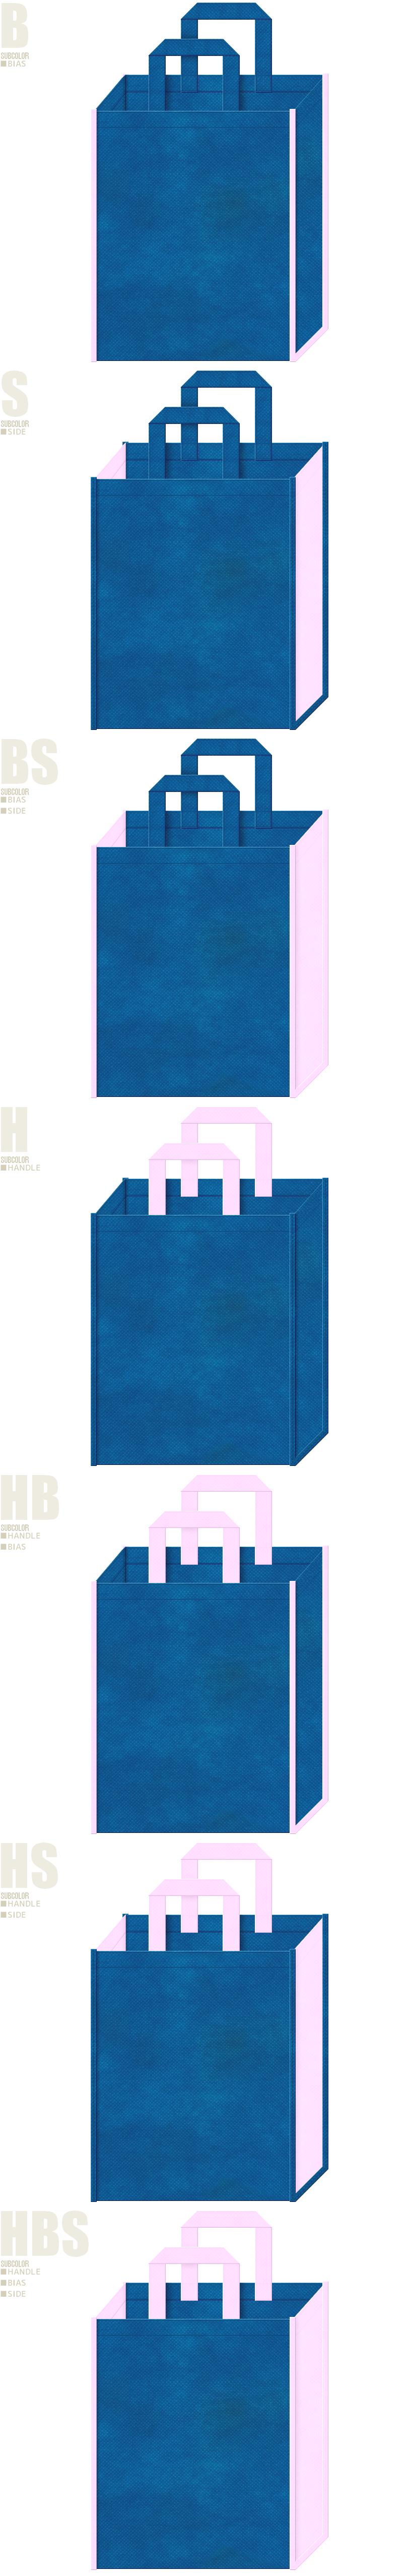 青色と明るめのピンク色-7パターンの不織布トートバッグ配色デザイン例